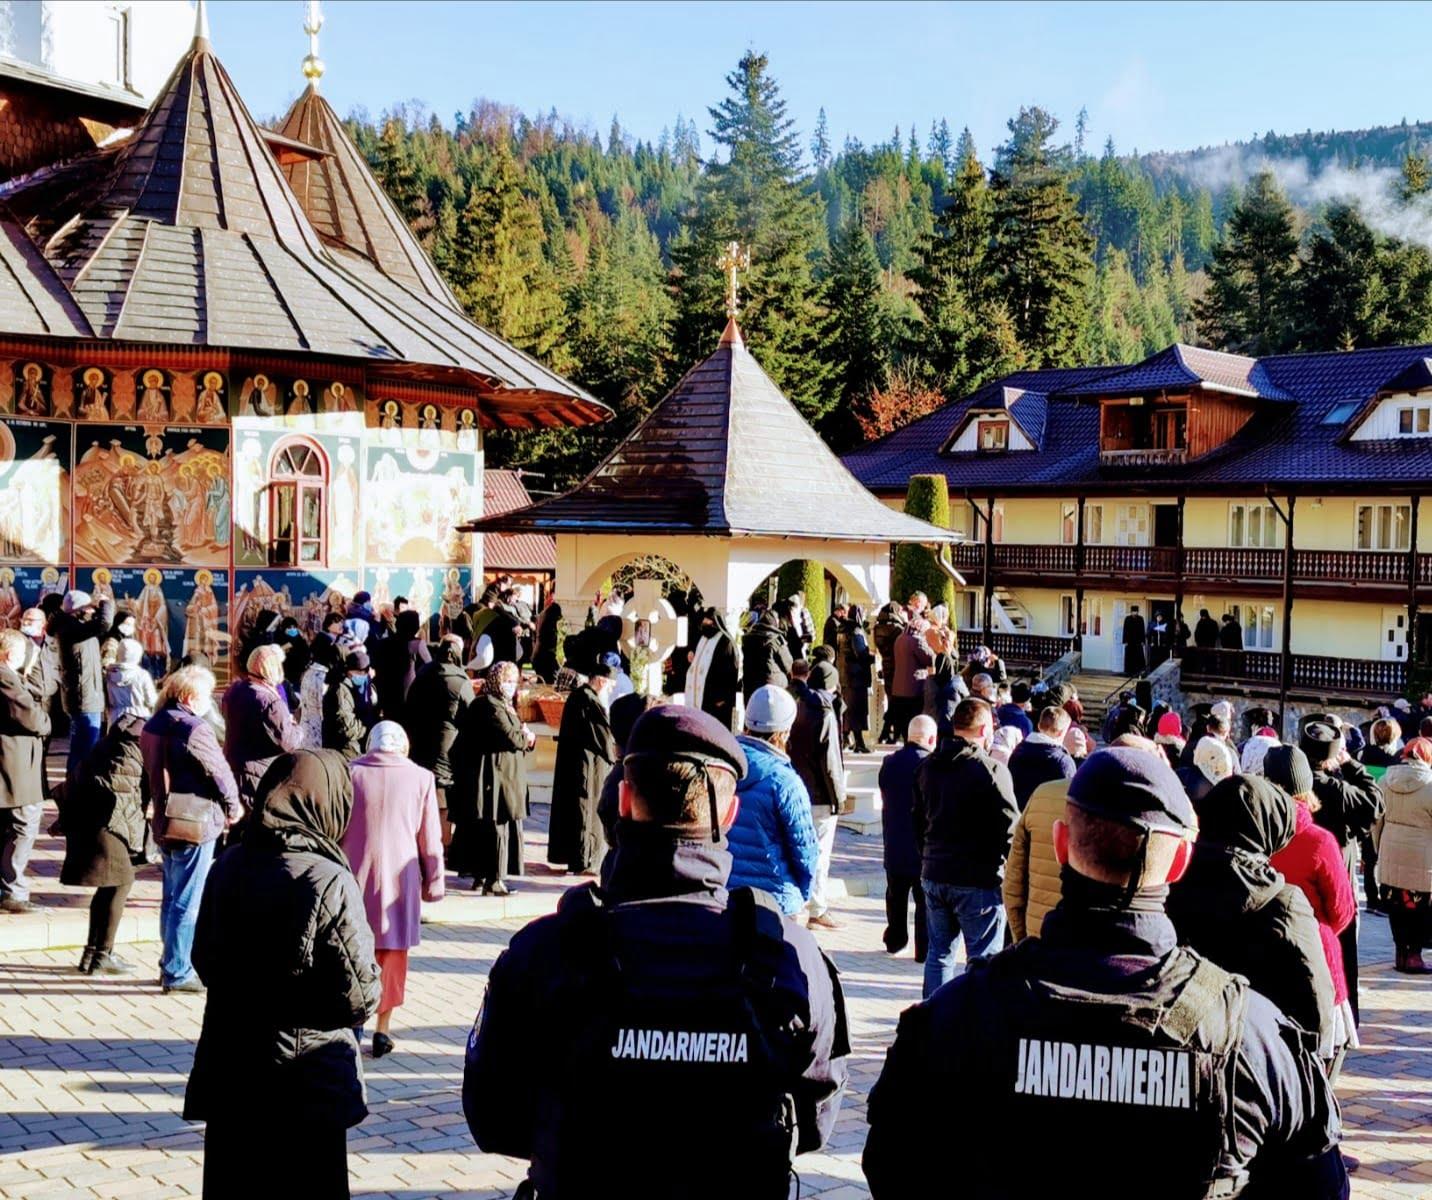 Măsuri dispuse de Jandarmeria Neamț, cu ocazia manifestărilor de Bobotează